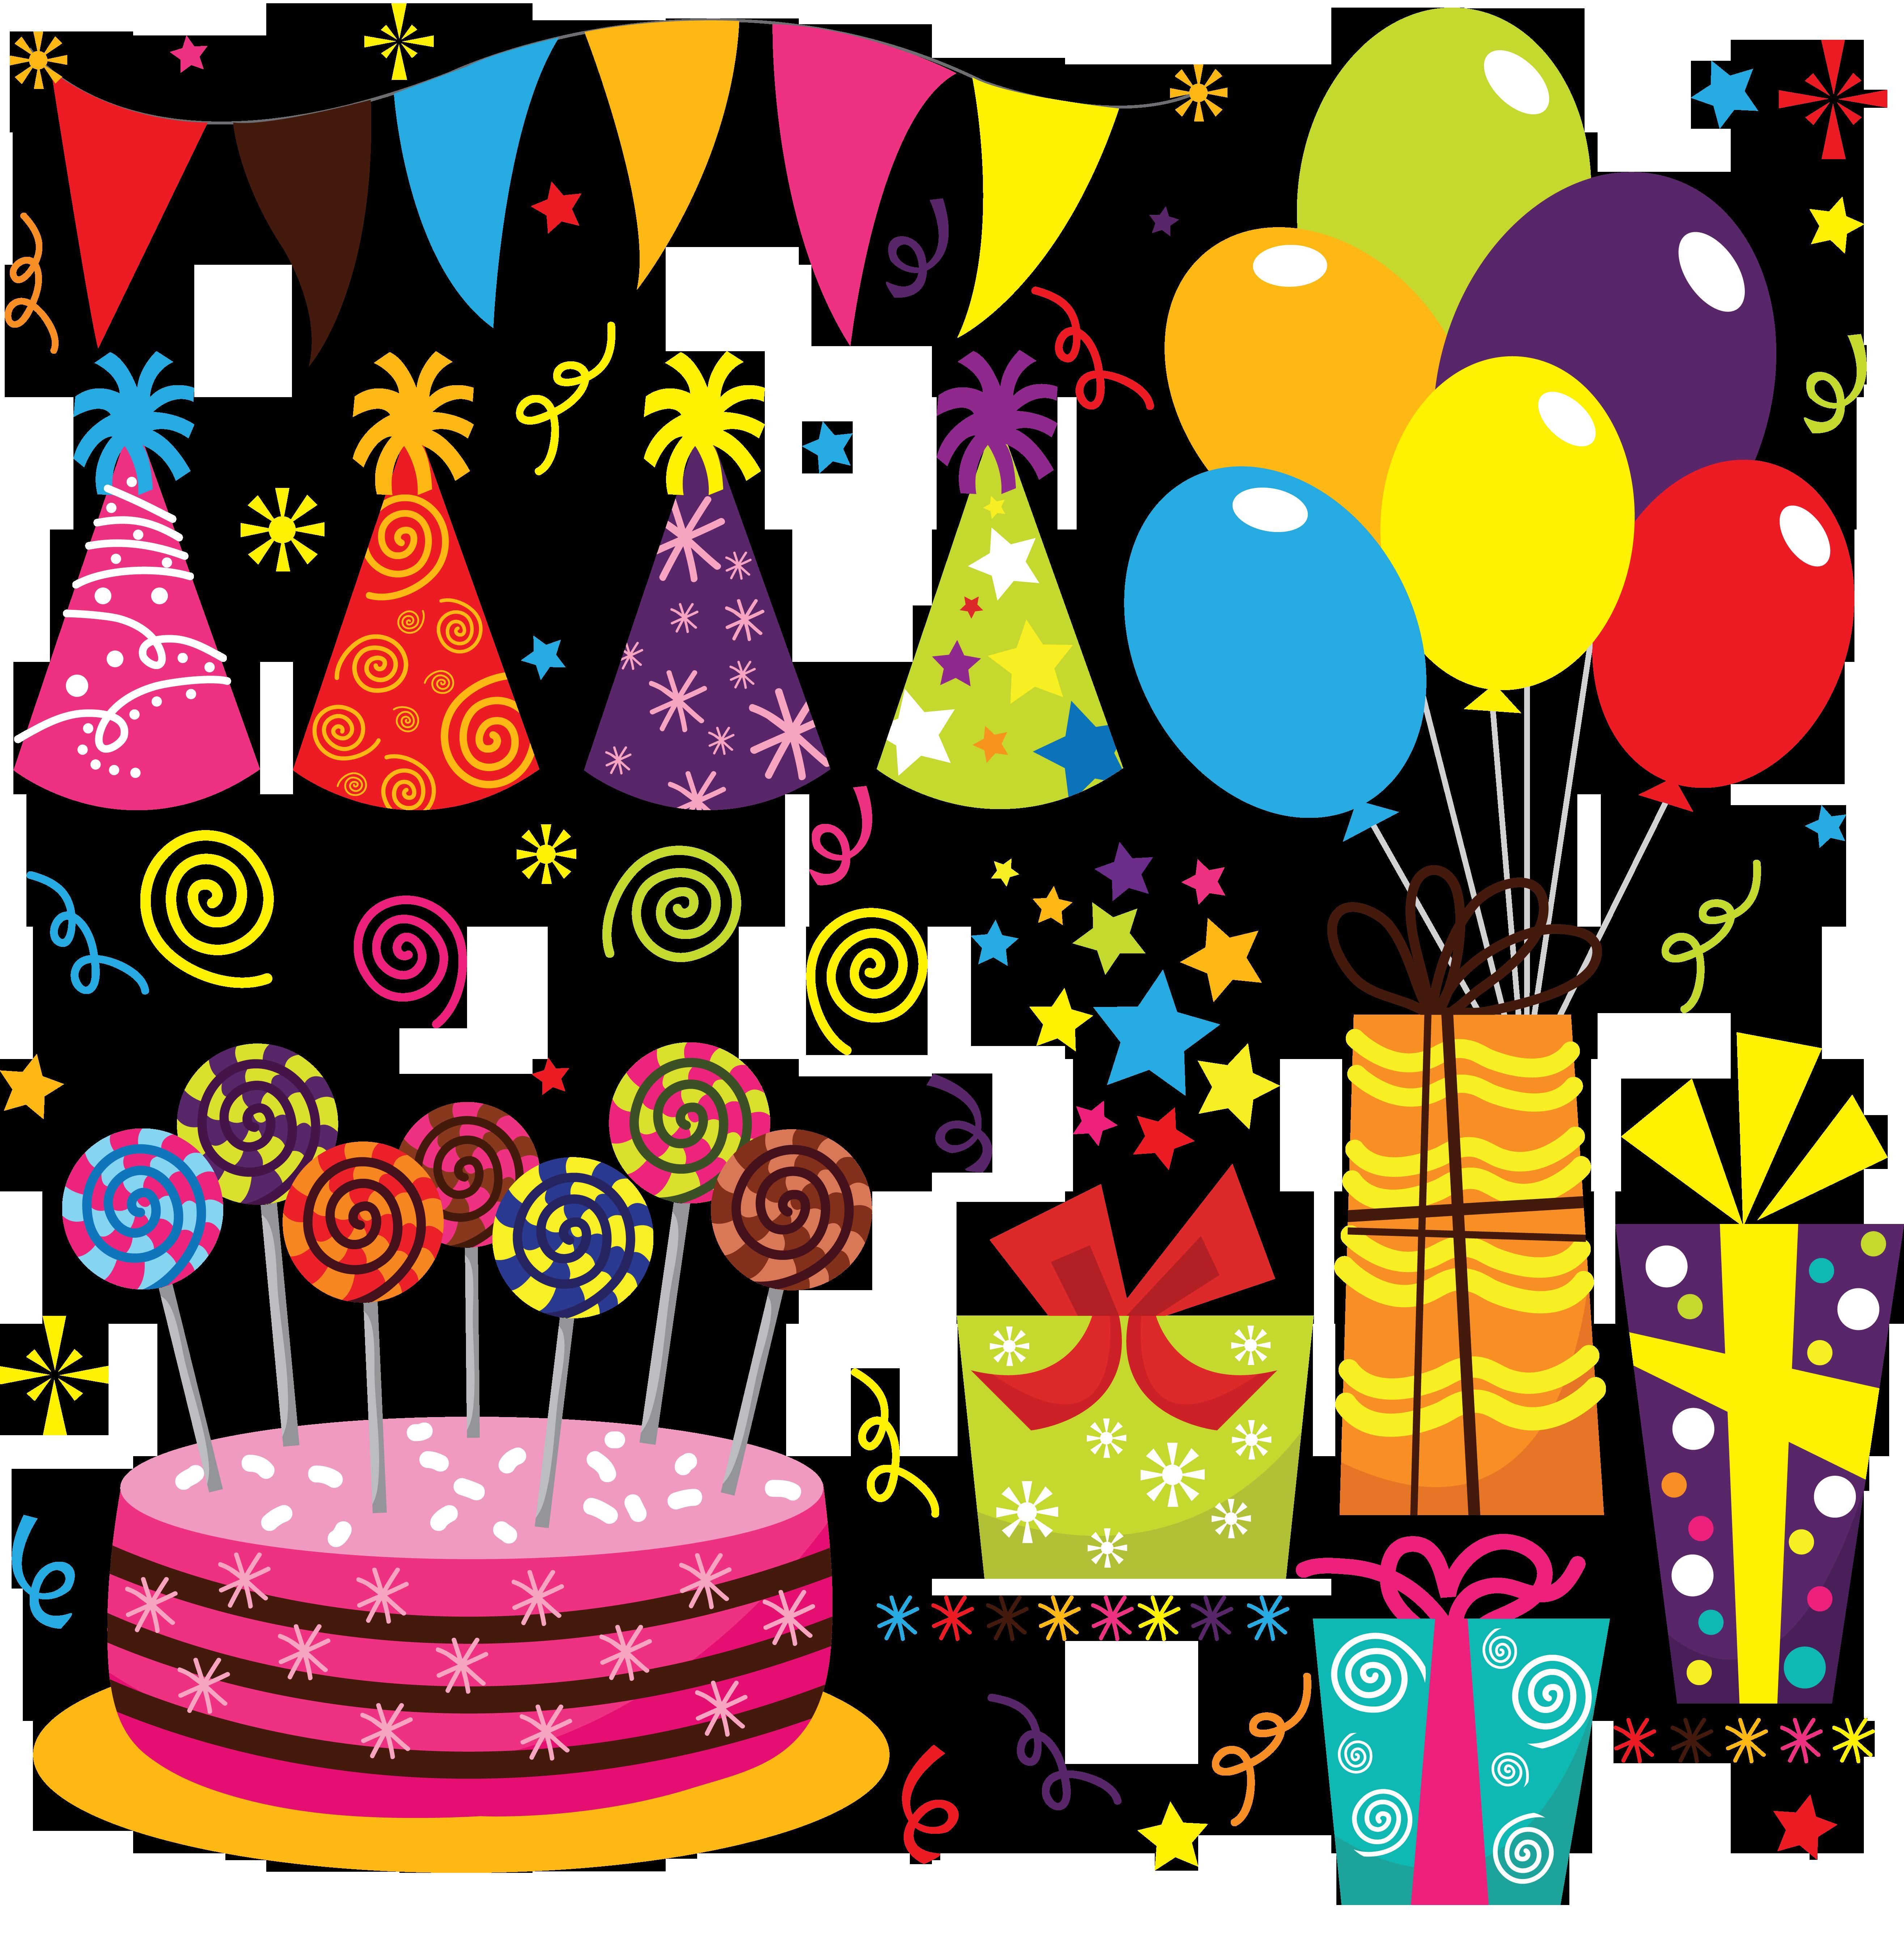 рисунки для украшения открытки на день рождения остальные кадры